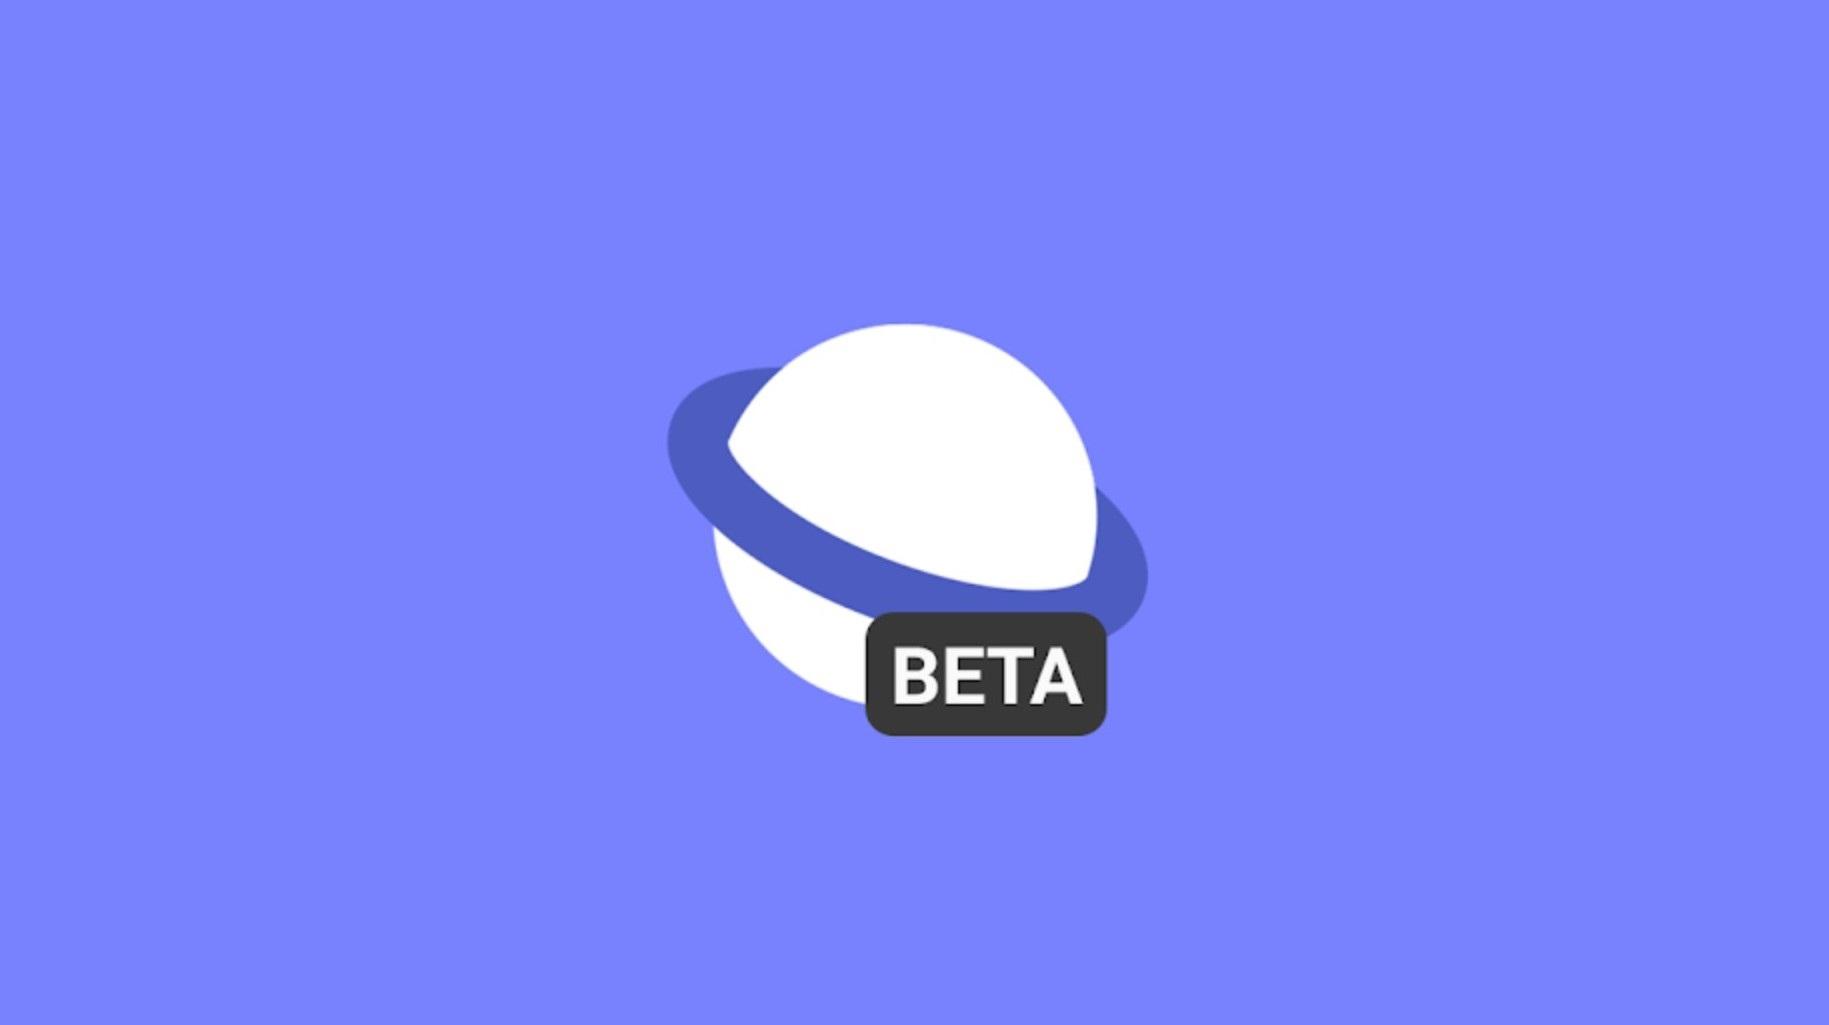 Mobilna przeglądarka Samsung Internet Browser Beta właśnie stała się jeszcze lepsza 19